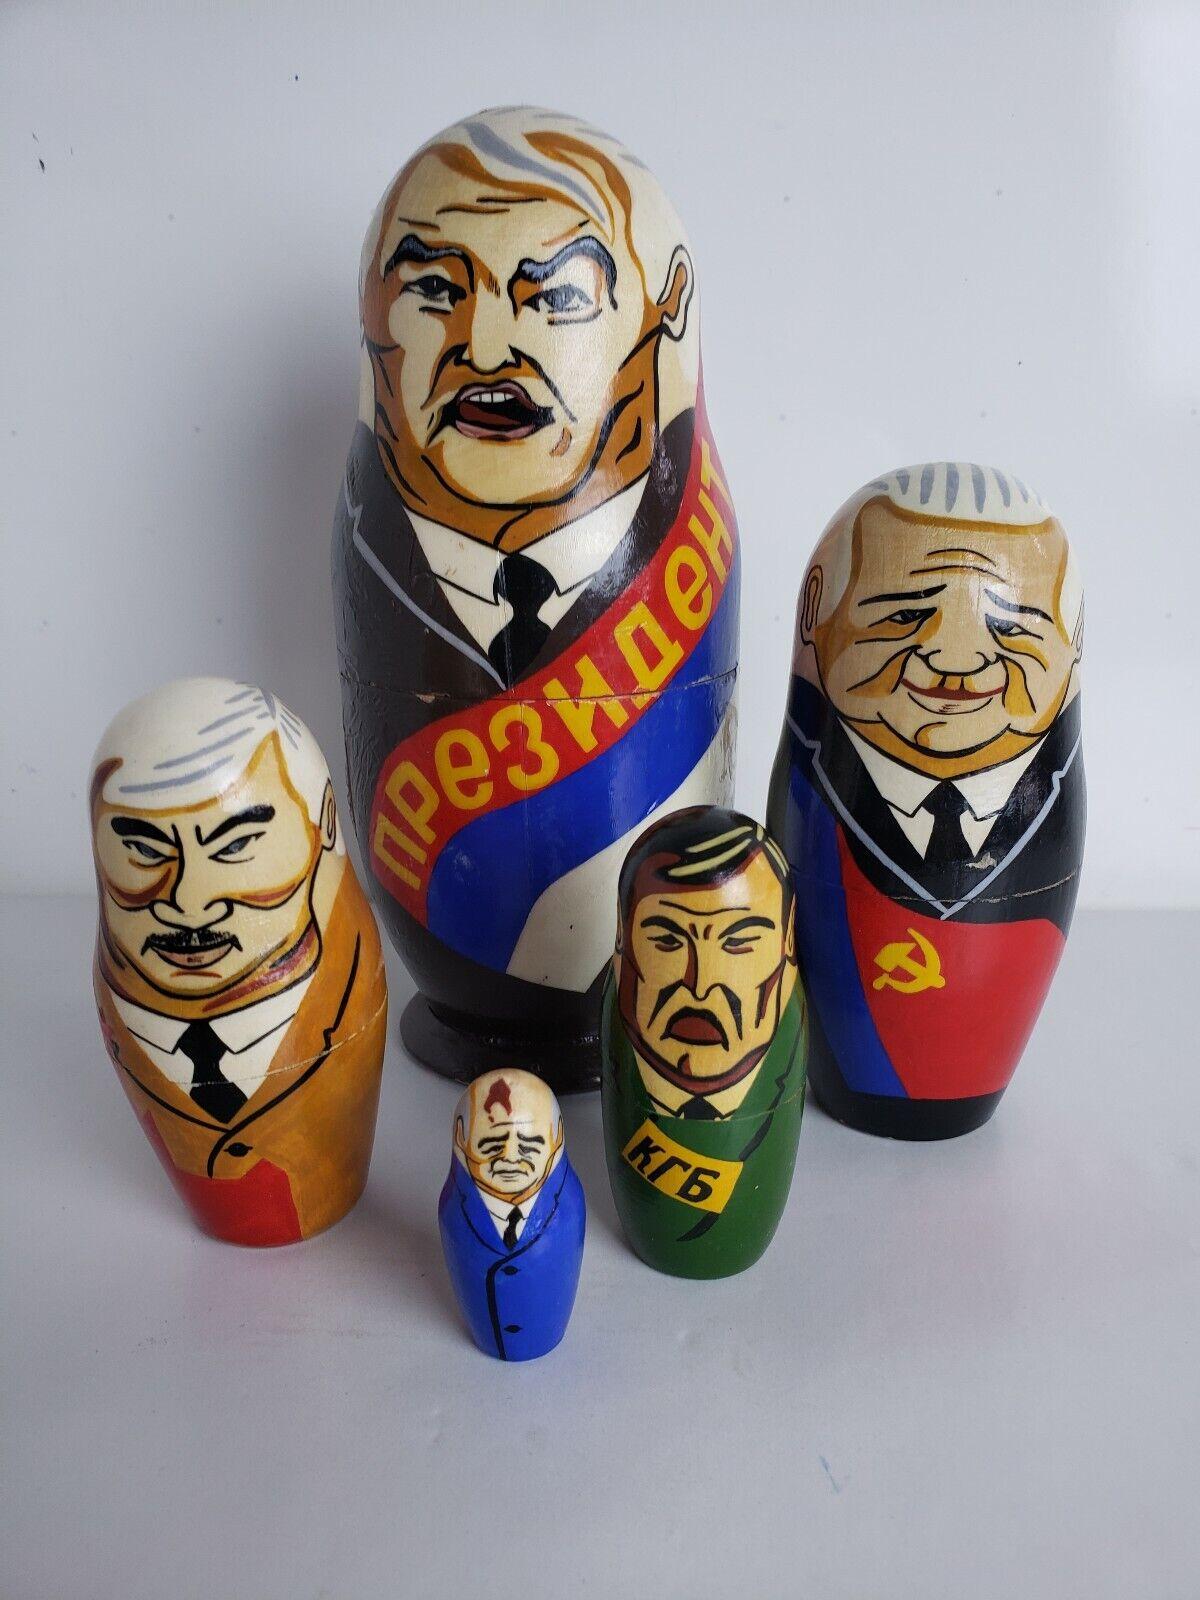 Vintage Président politiques Matriochka Russie bois sculpté poupées russes URSS b20